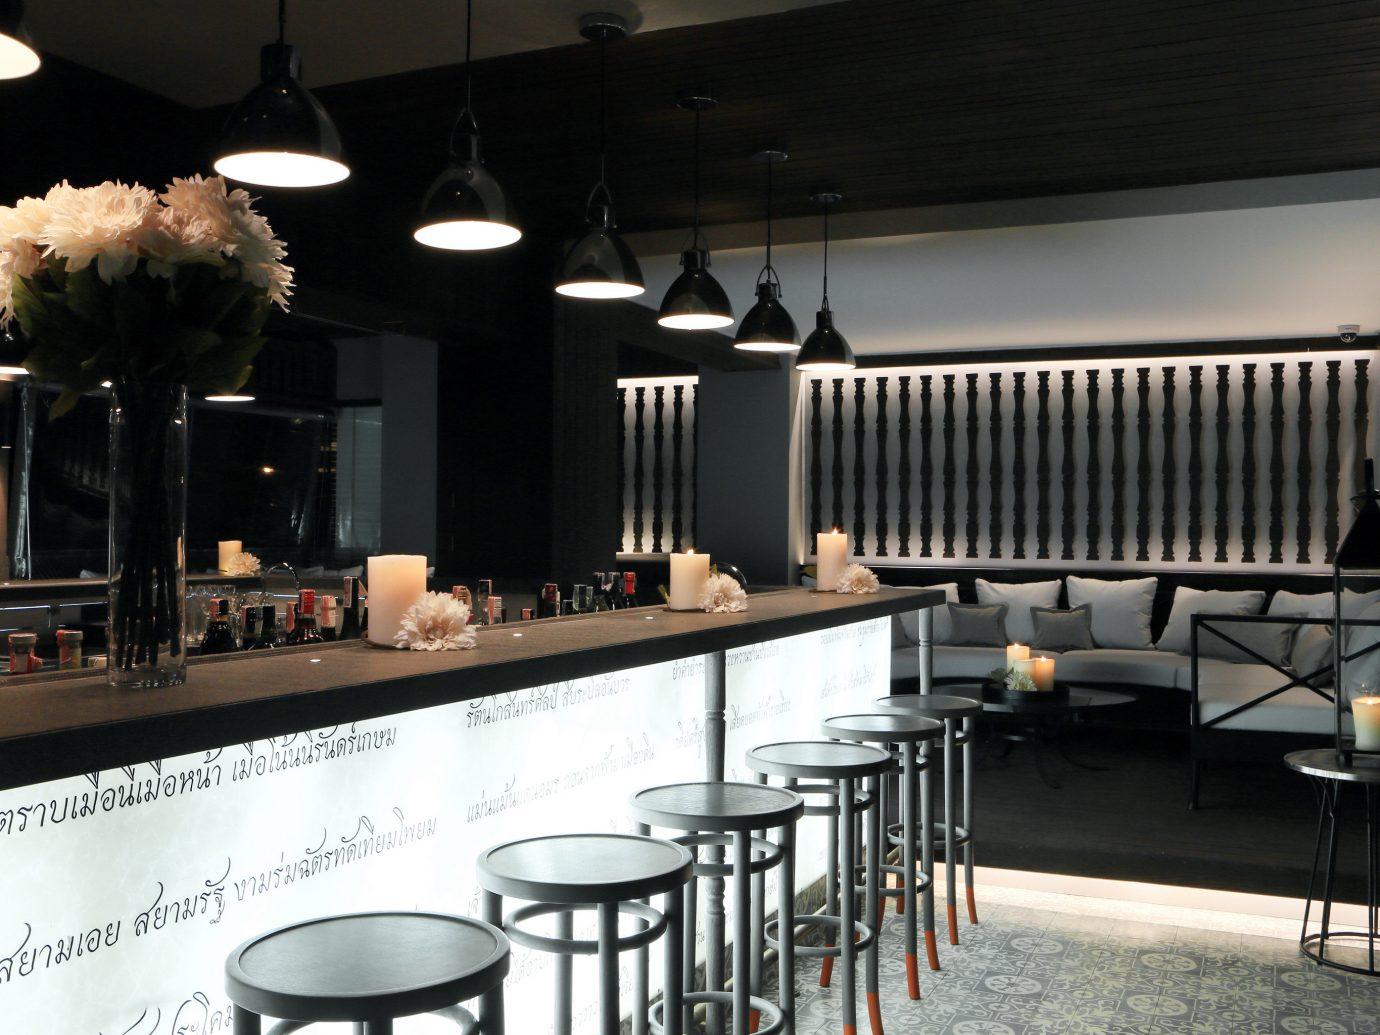 Bar Dining Drink Eat Hotels Modern indoor restaurant room meal ceiling interior design lighting café Design dining room coffeehouse furniture